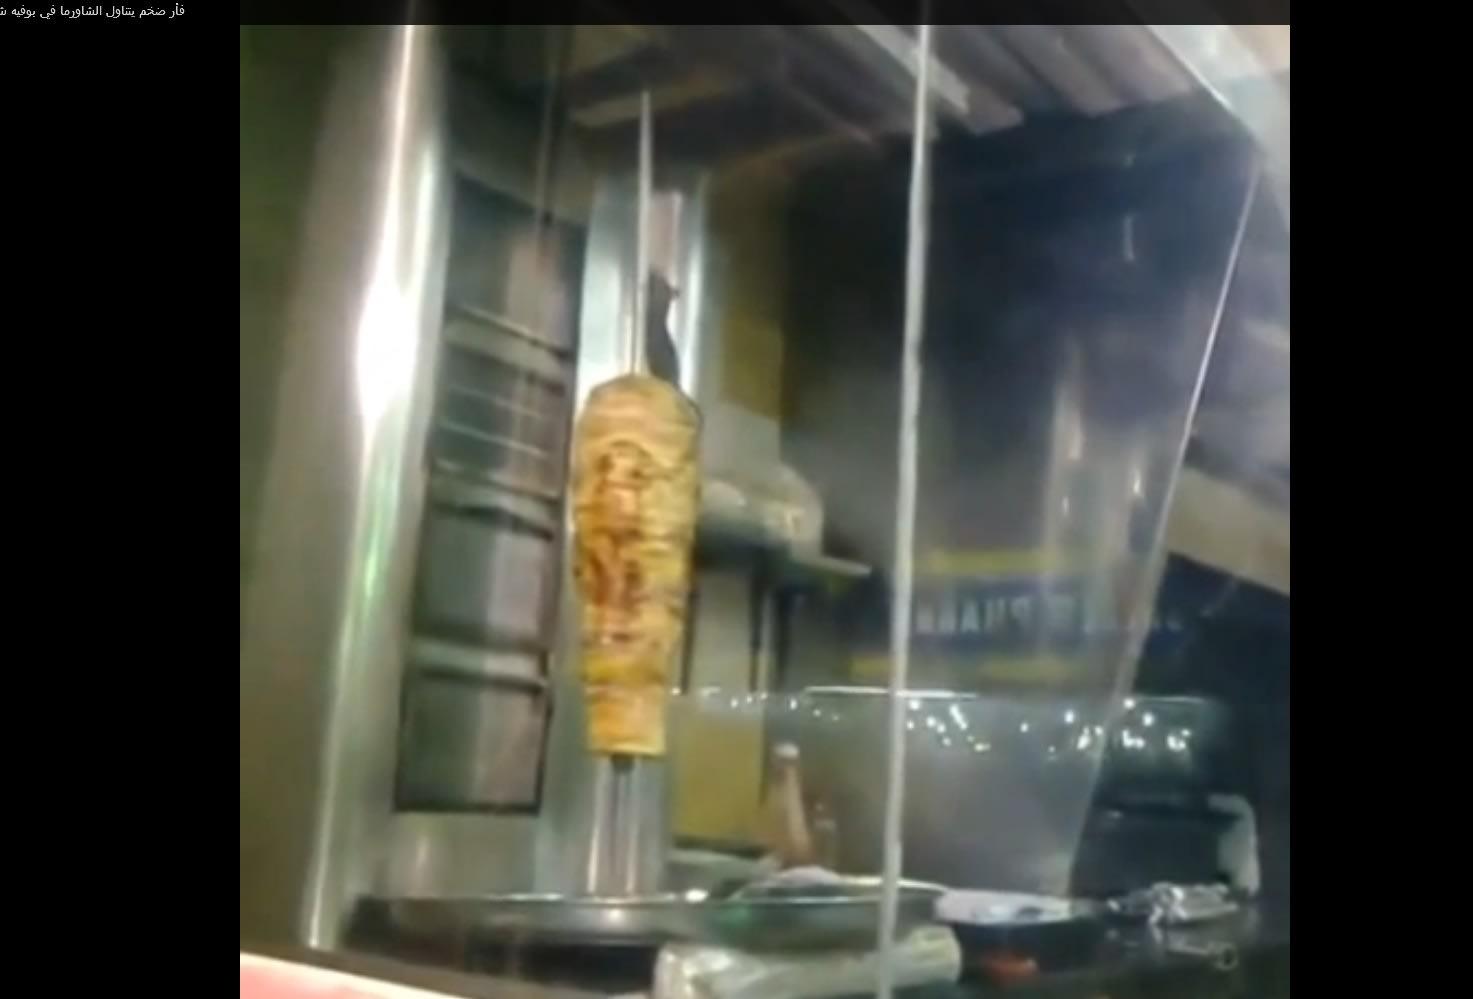 يوتيوب .. فأر يتناول الشاورما في المطعم